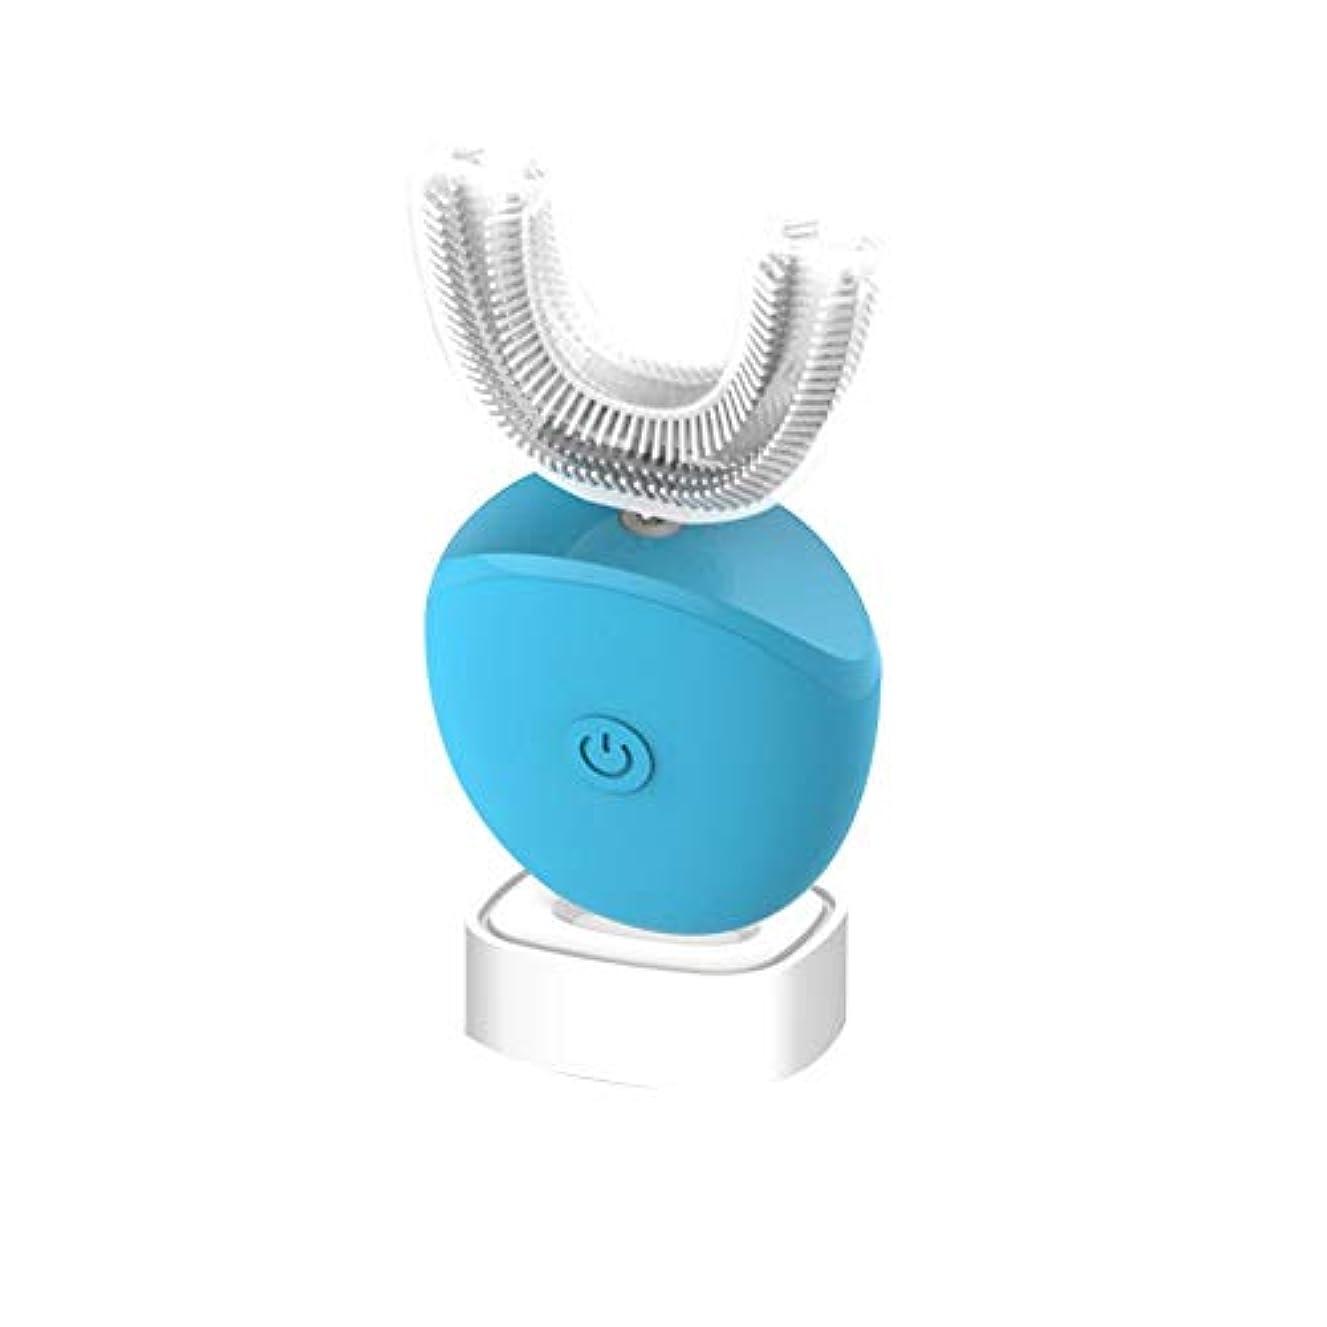 バンドル道路モナリザフルオートマチック可変周波数電動歯ブラシ、自動360度U字型電動歯ブラシ、ワイヤレス充電IPX7防水自動歯ブラシ(大人用),Blue